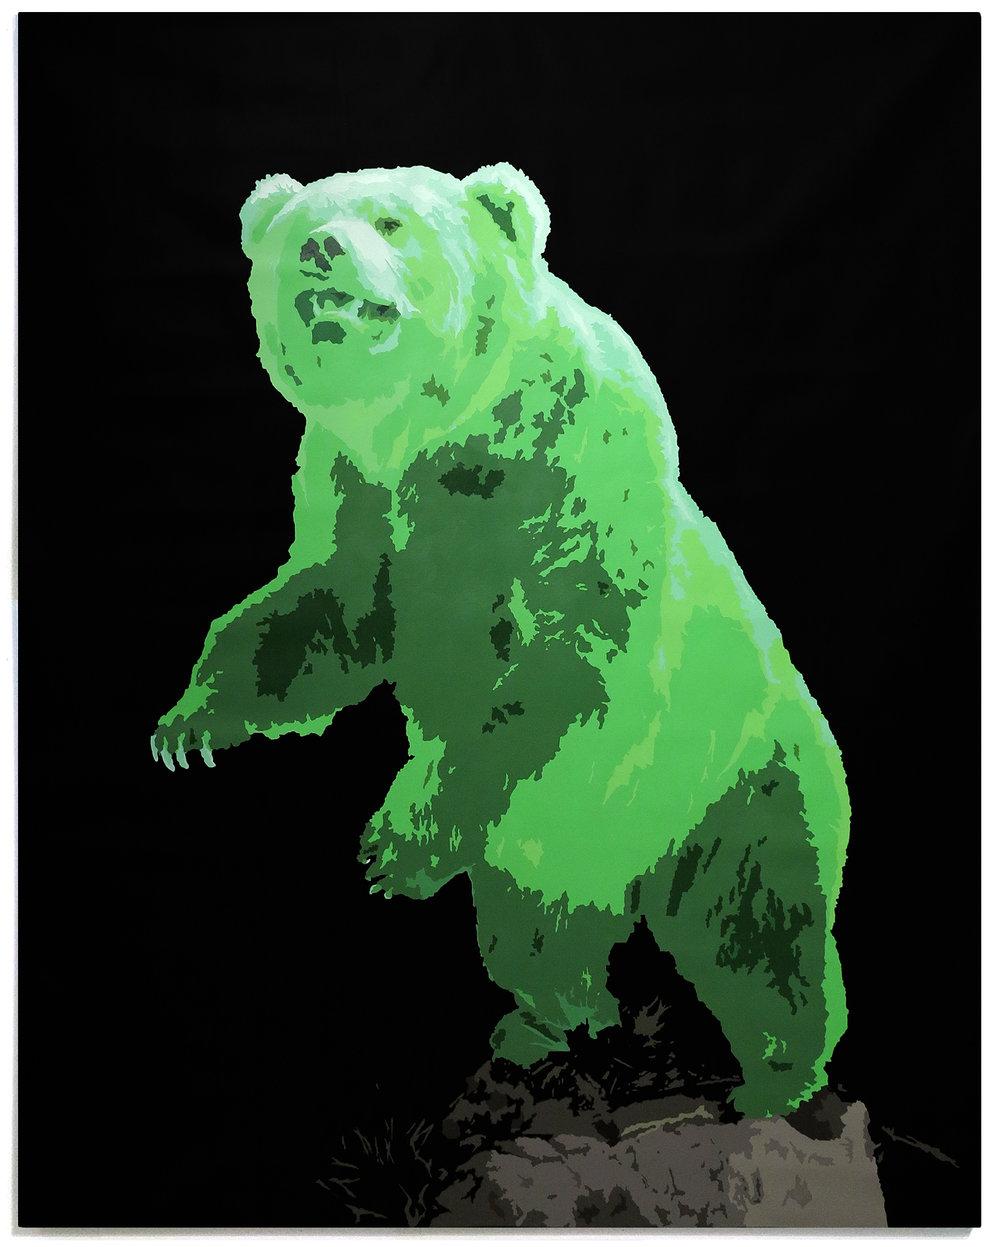 BEAR, 2016 Acrylic on canvas  68x54 inches